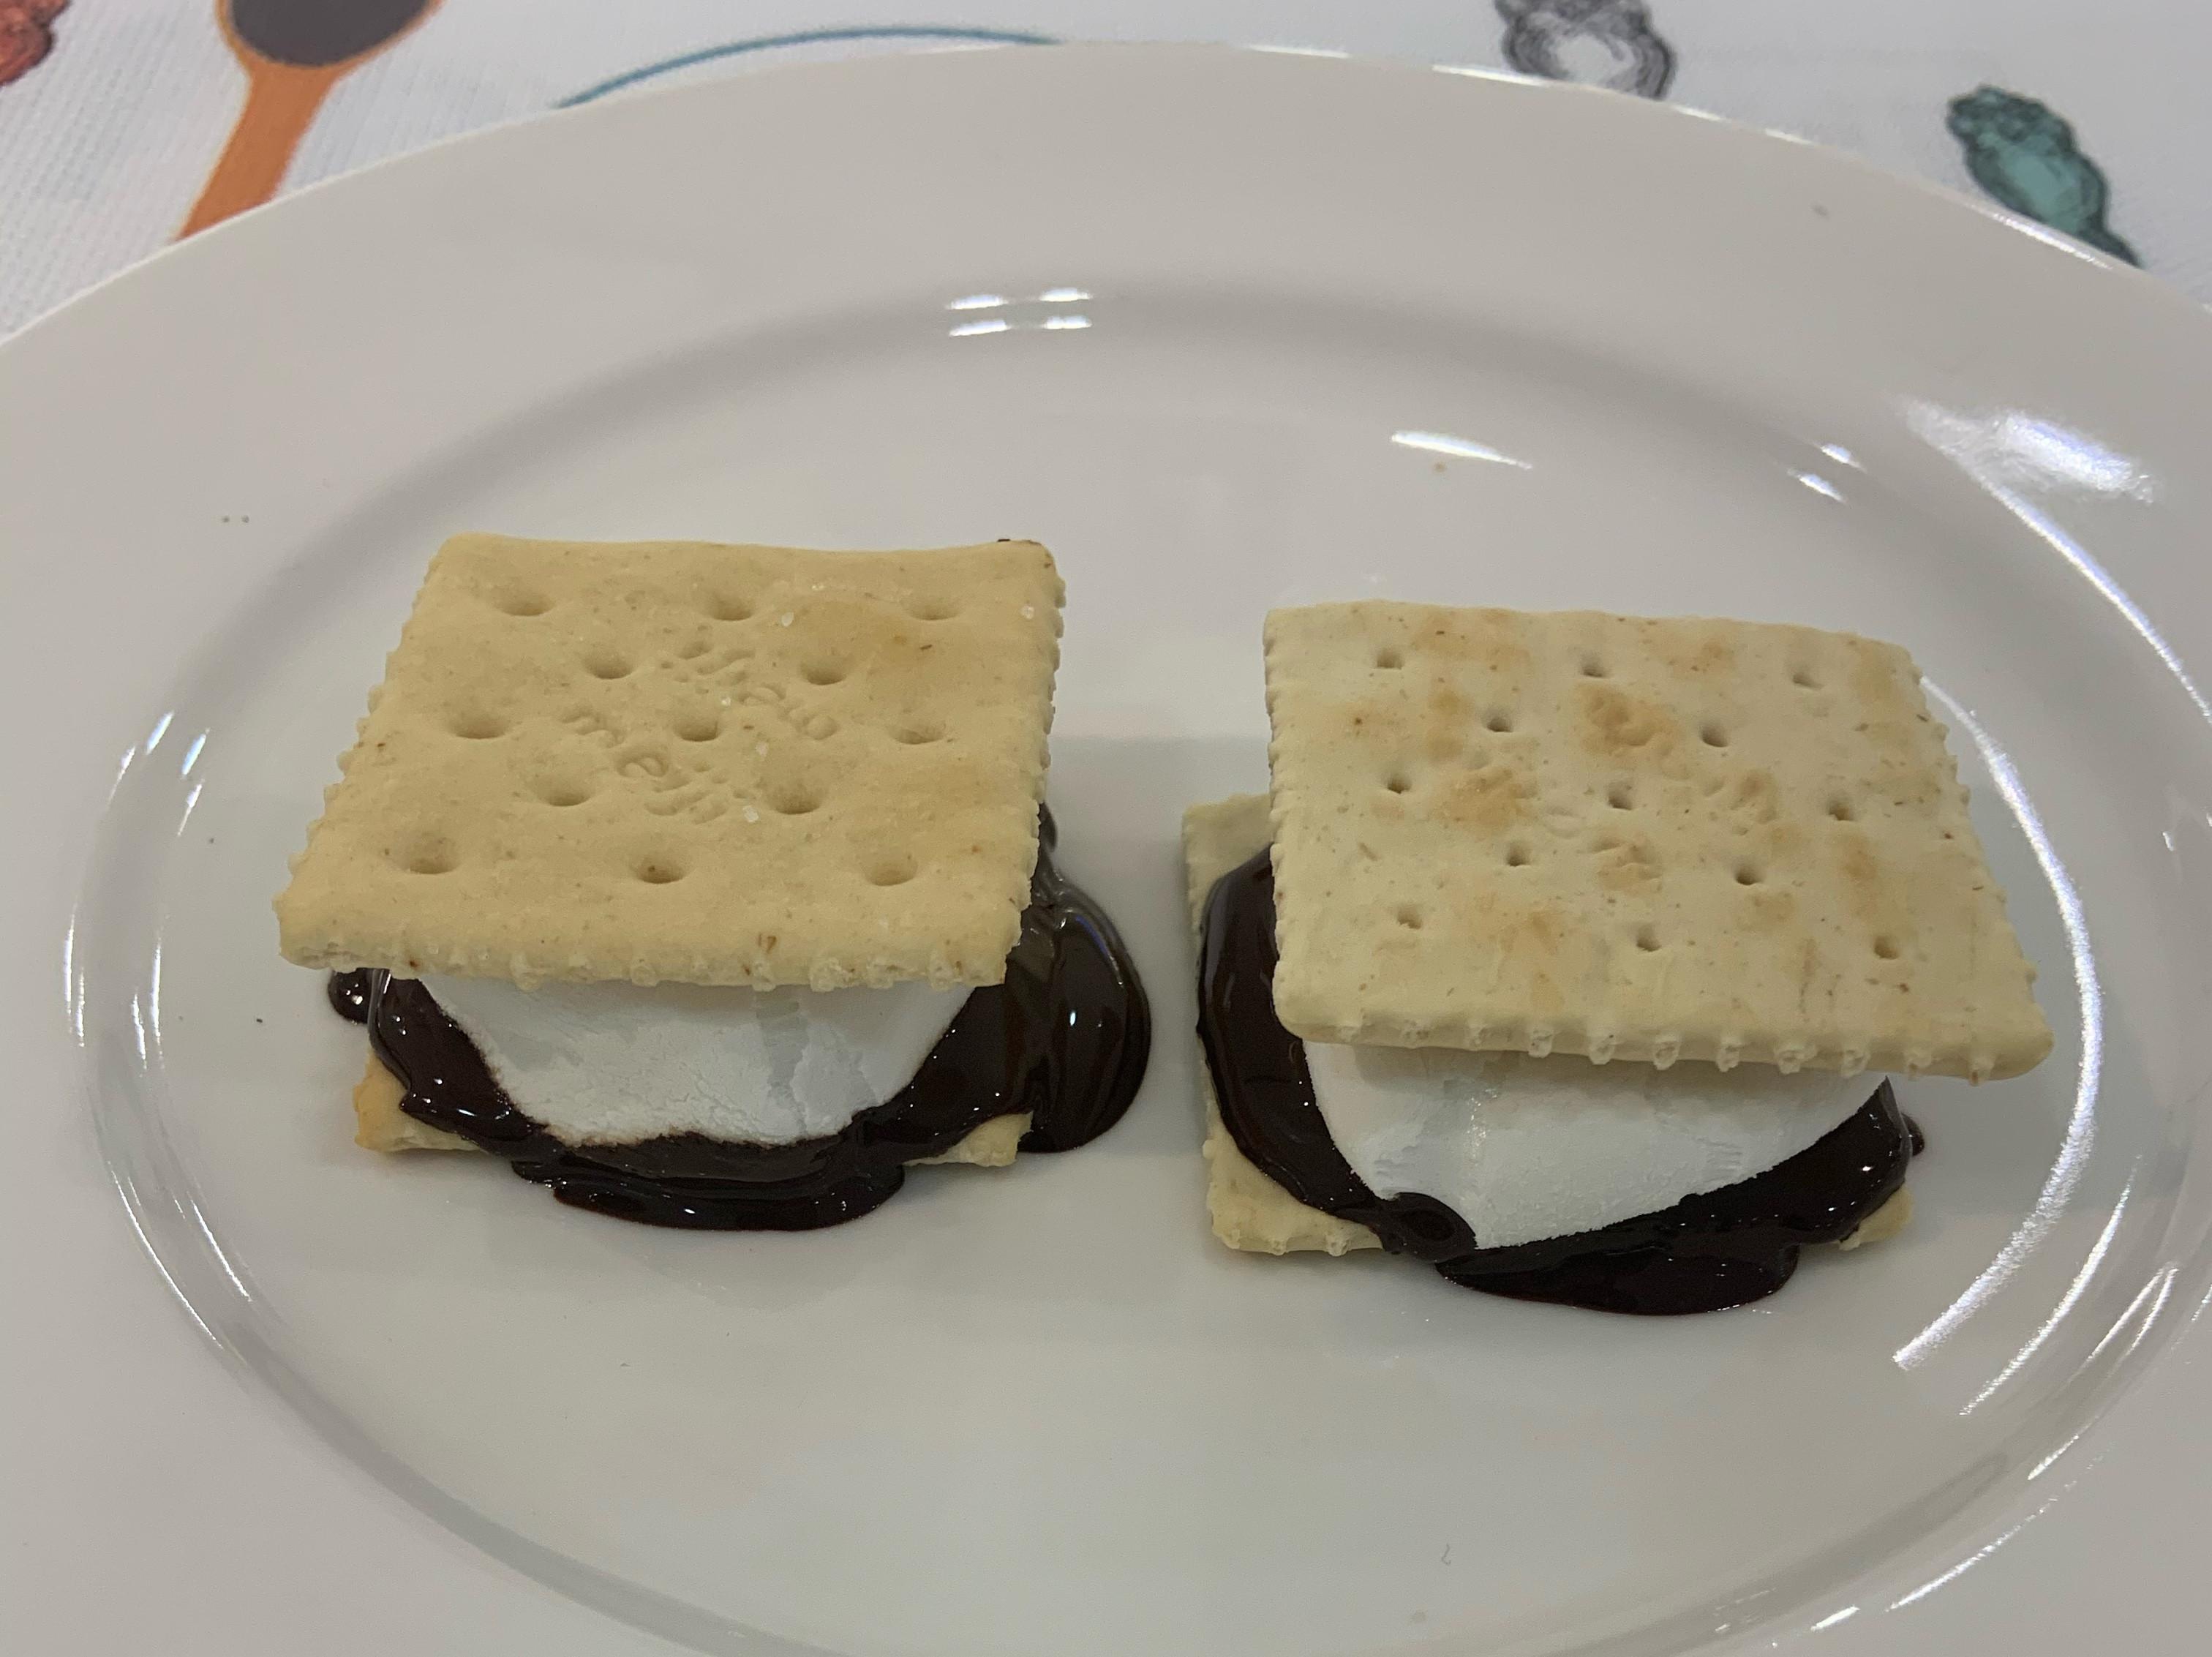 巧克力棉花糖蘇打餅乾(氣炸鍋版本)